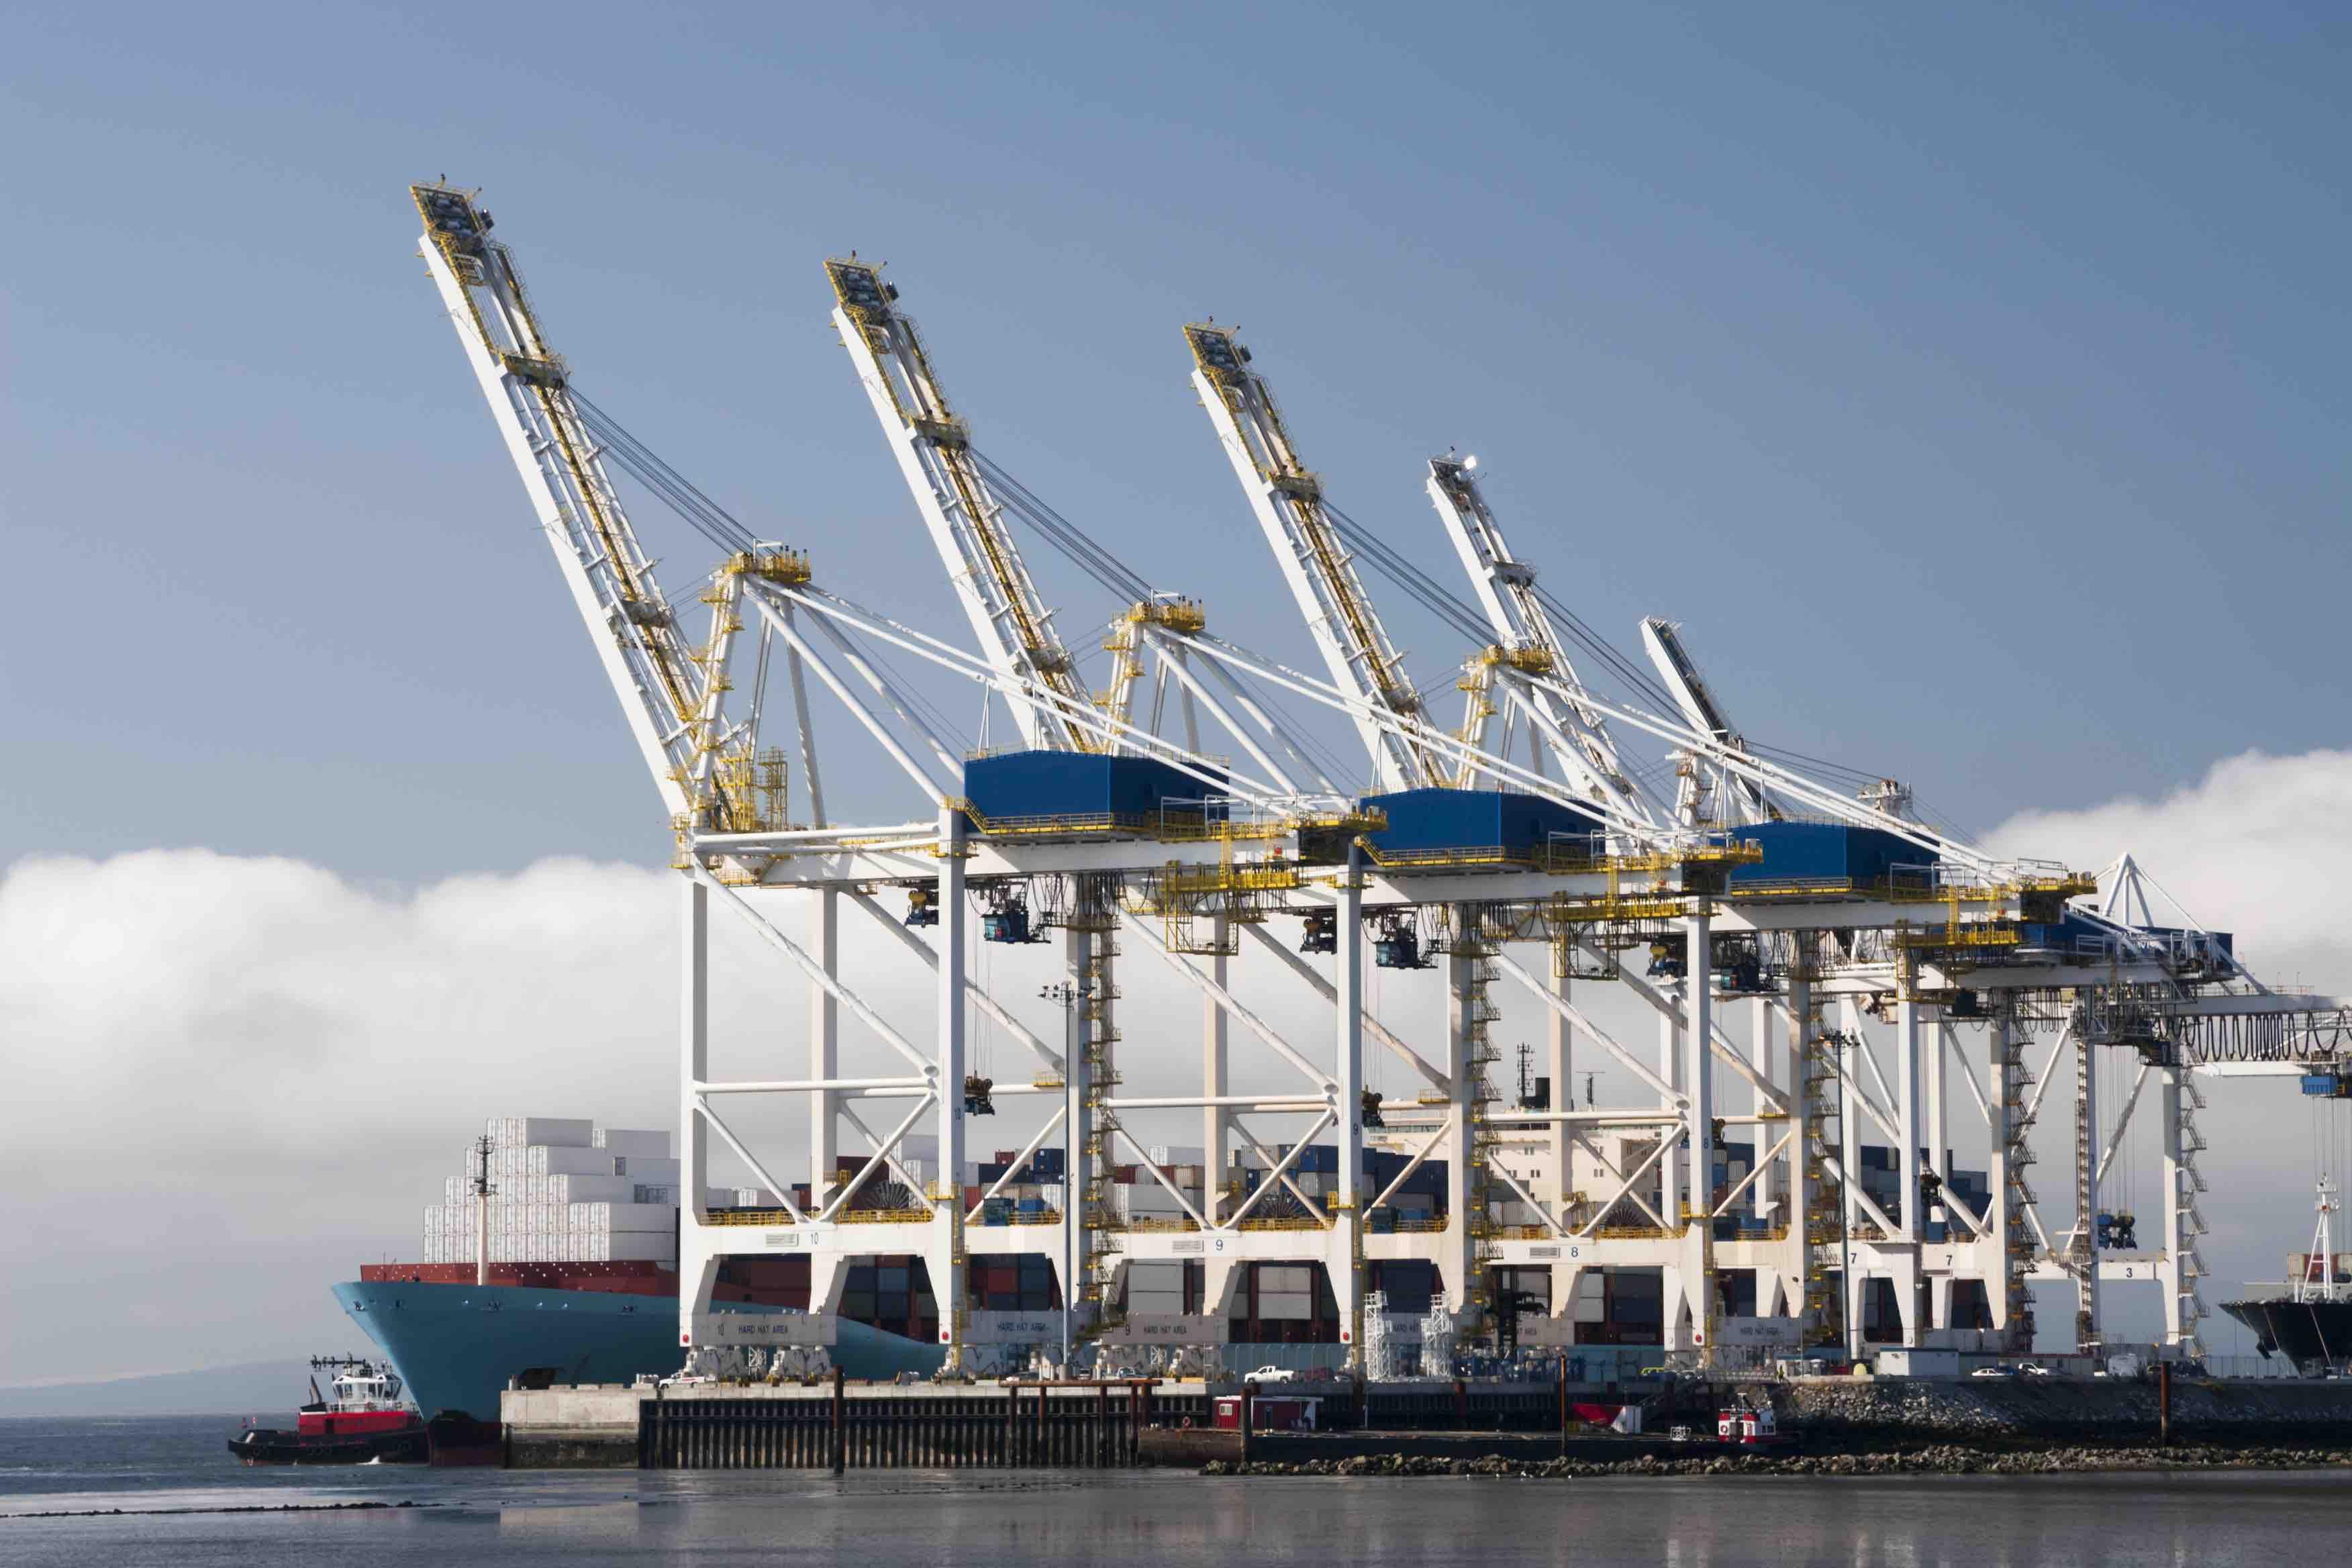 Port Container Cranes